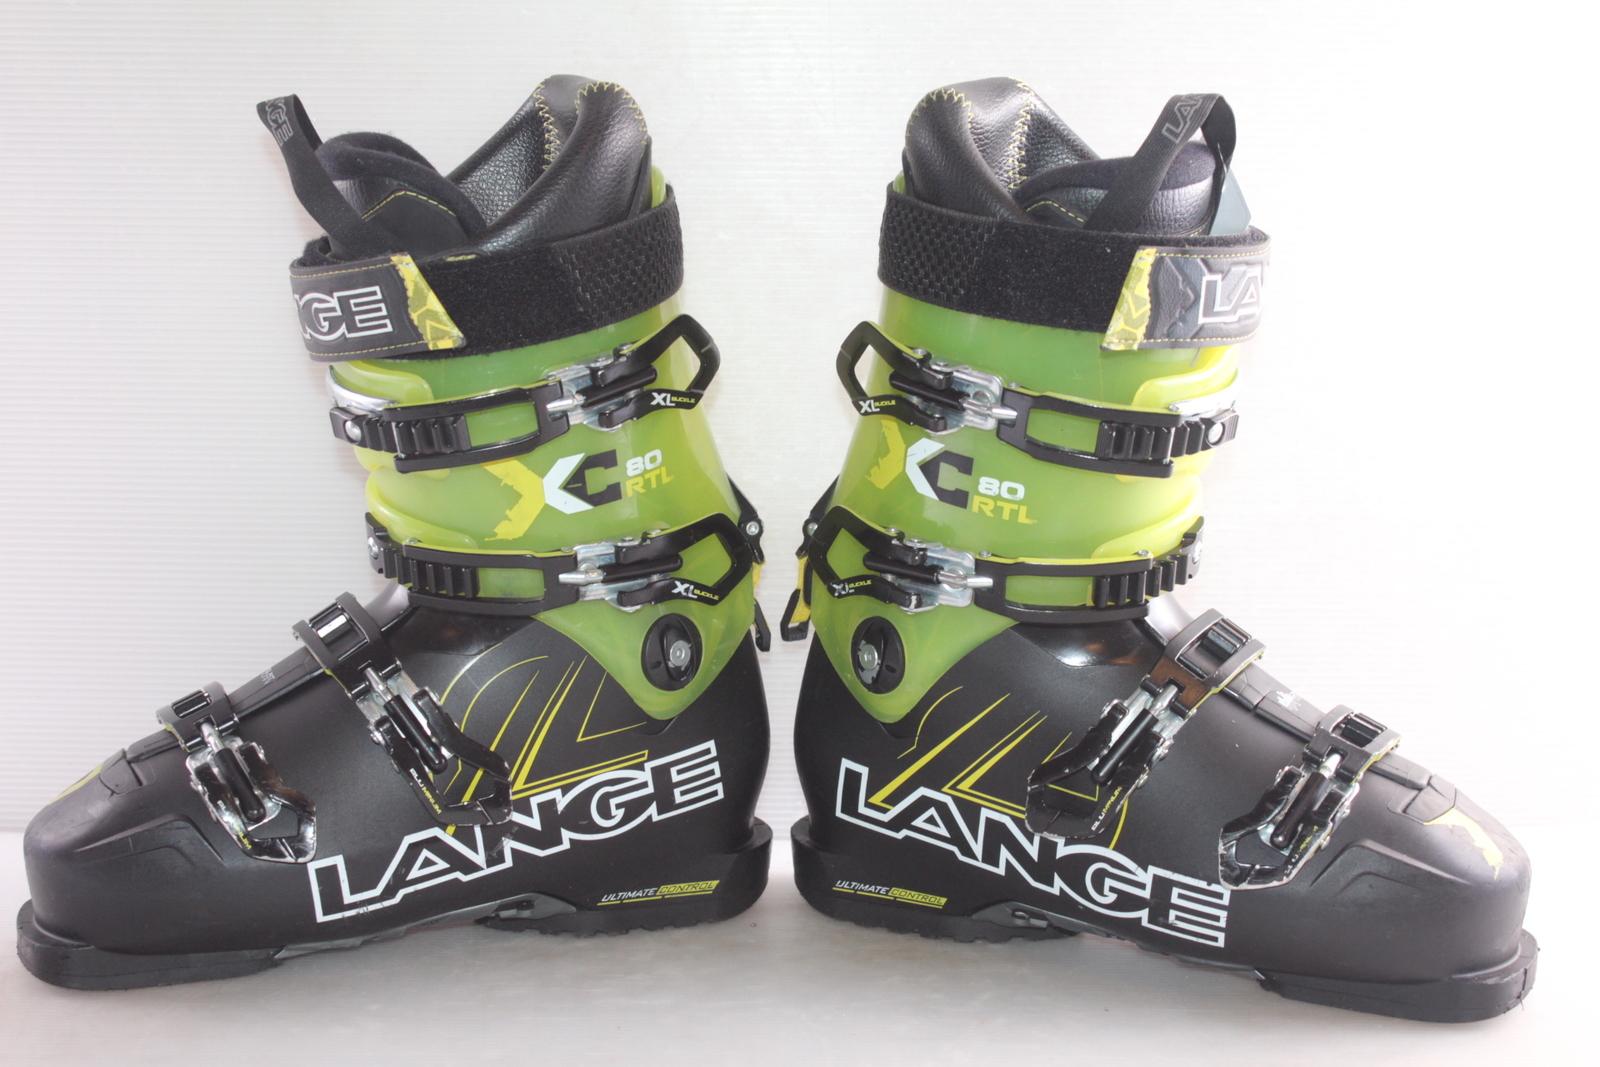 Dámské lyžáky Lange XC 80 RTL vel. EU40 flexe 80